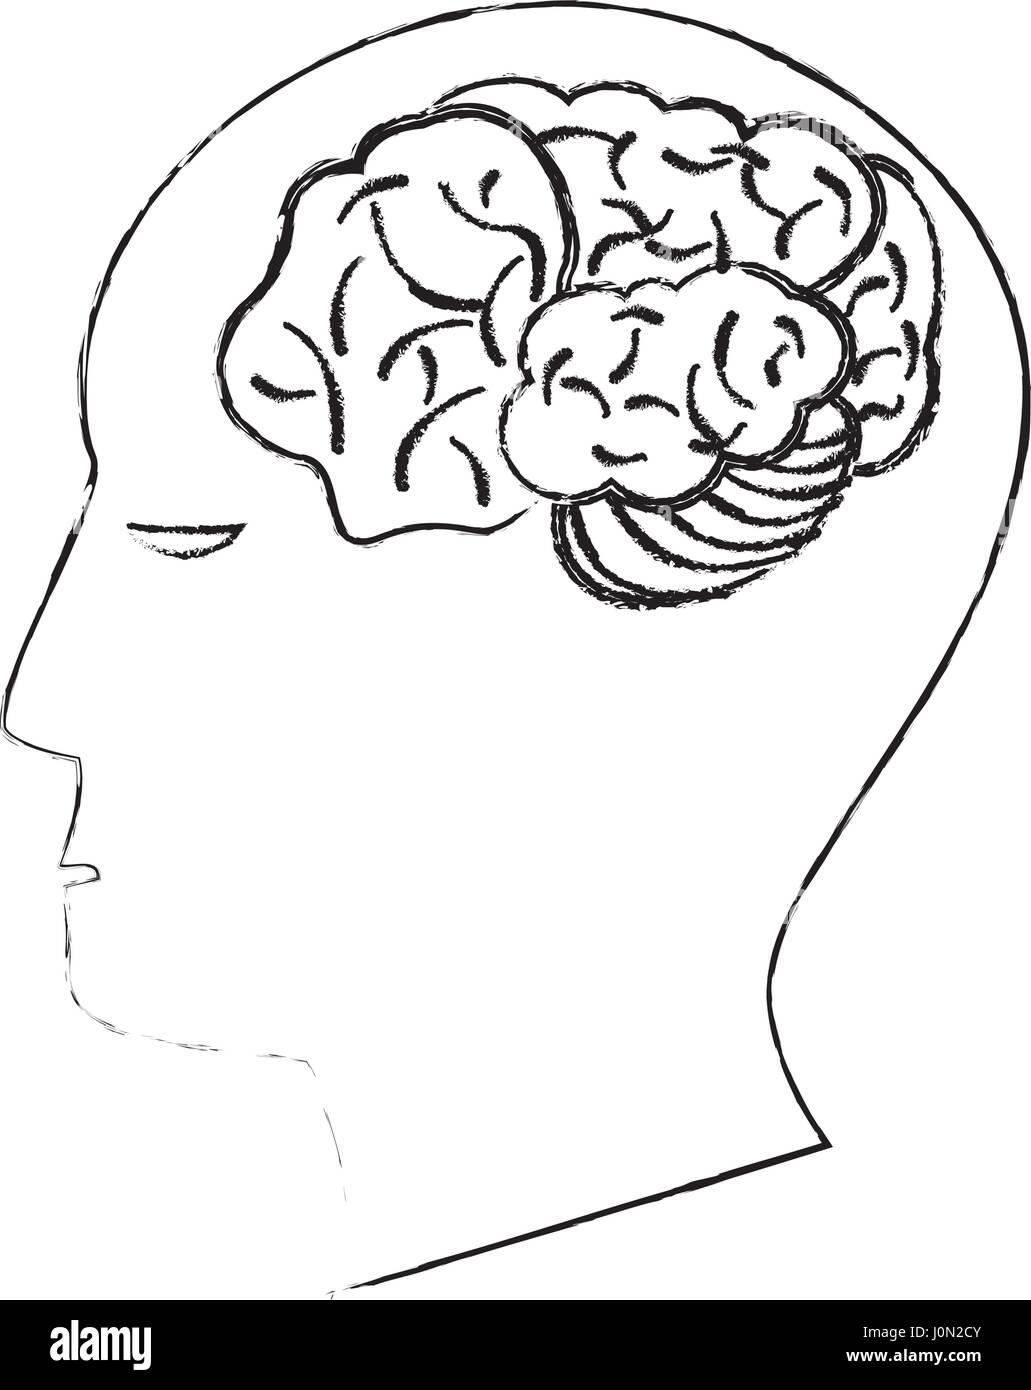 Cabeza cerebro humano creatividad boceto Imagen De Stock